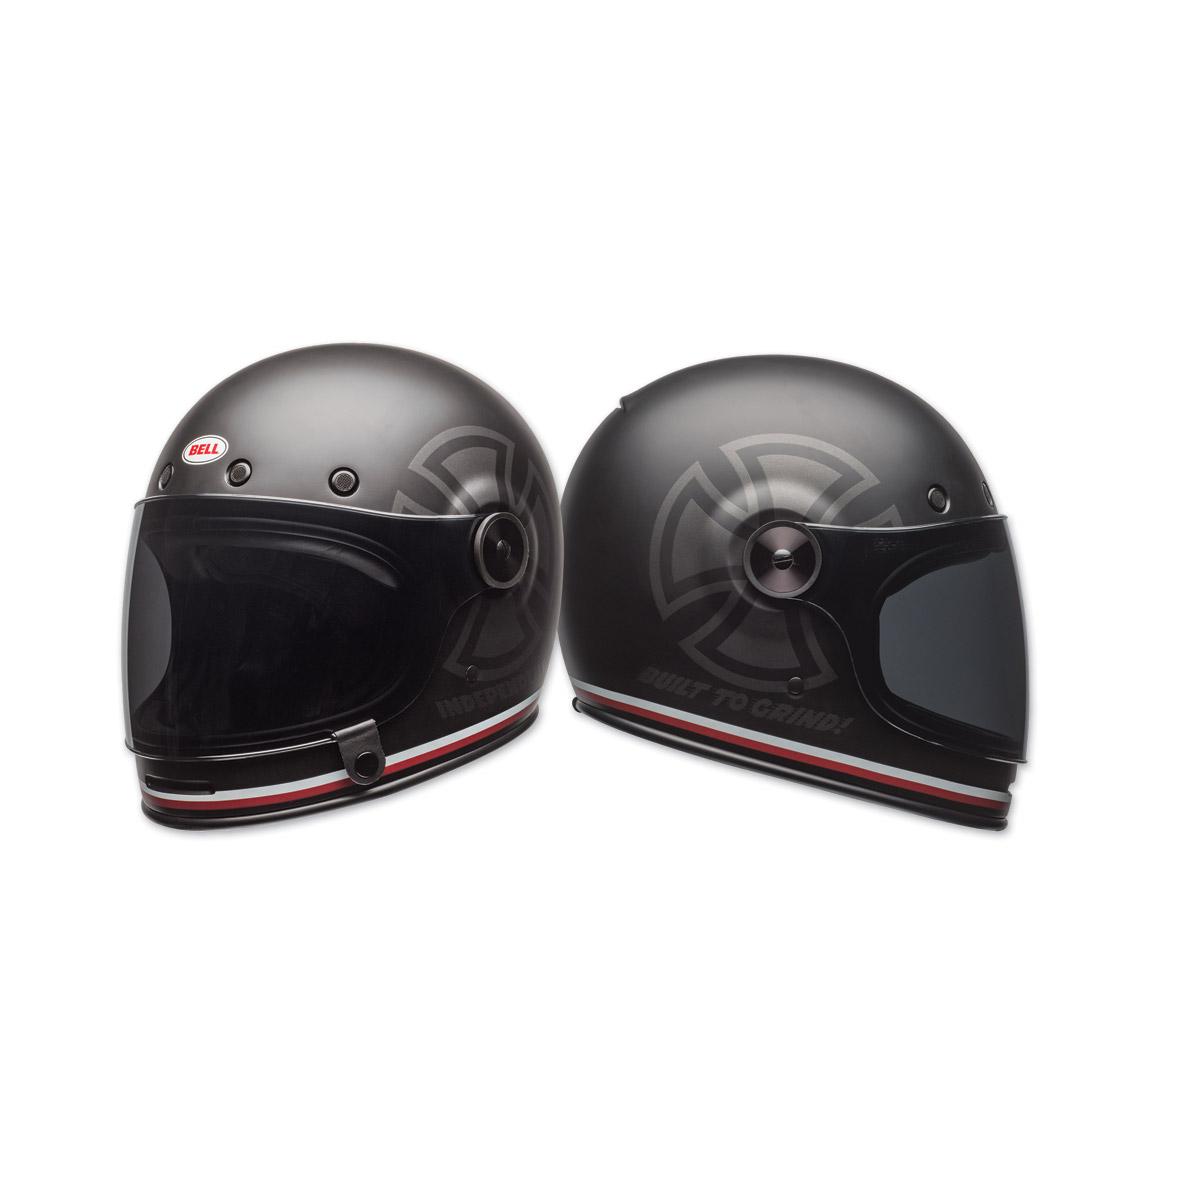 Bell Bullitt Independent Black Full Face Helmet